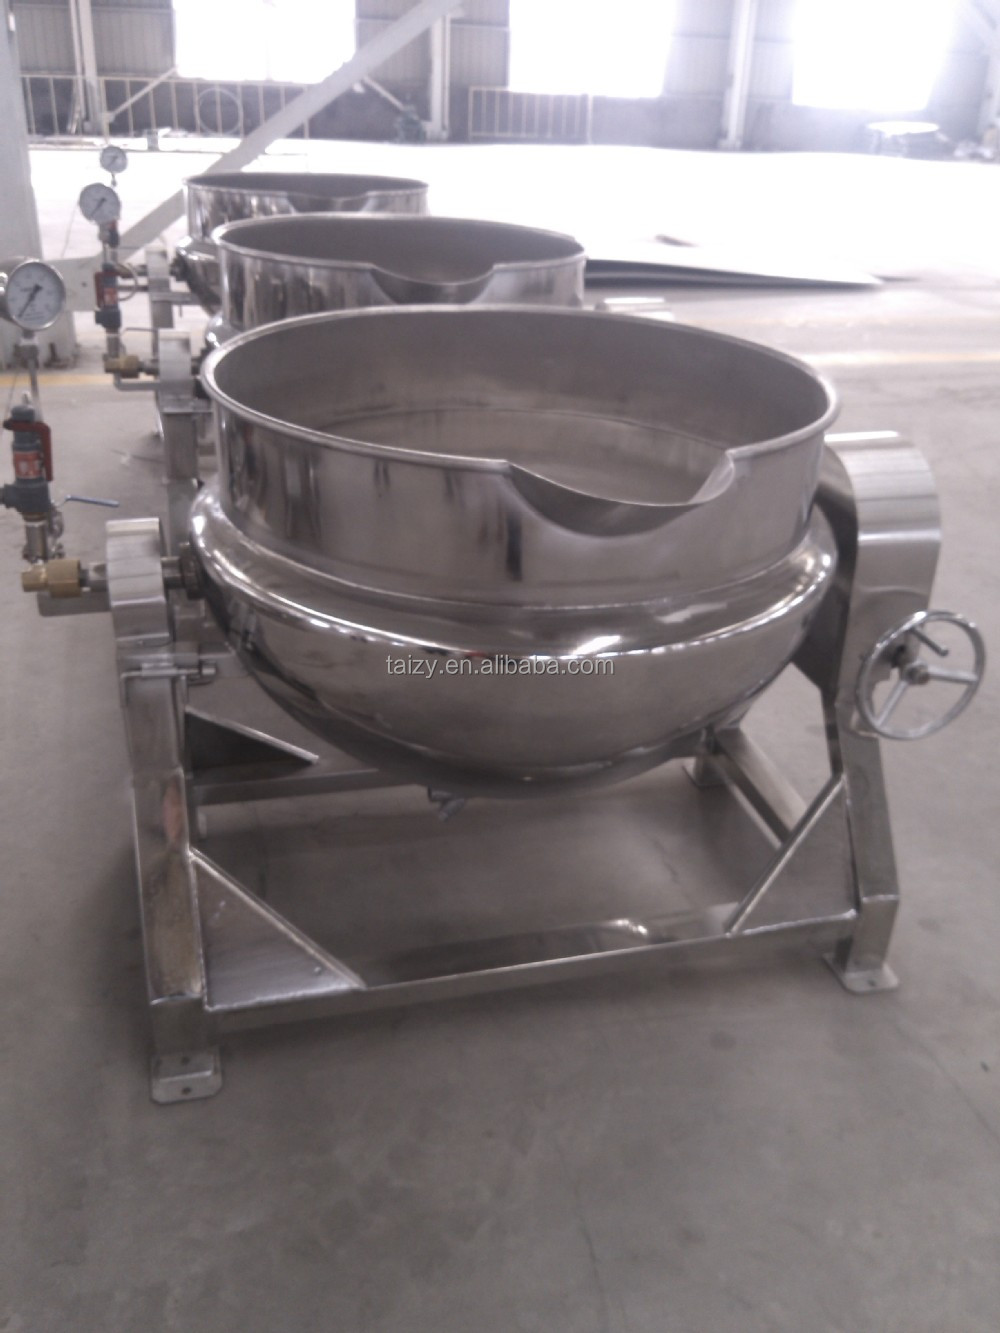 Cozinha Industrial Chaleira Panela A Vapor Industrial Grande Panela